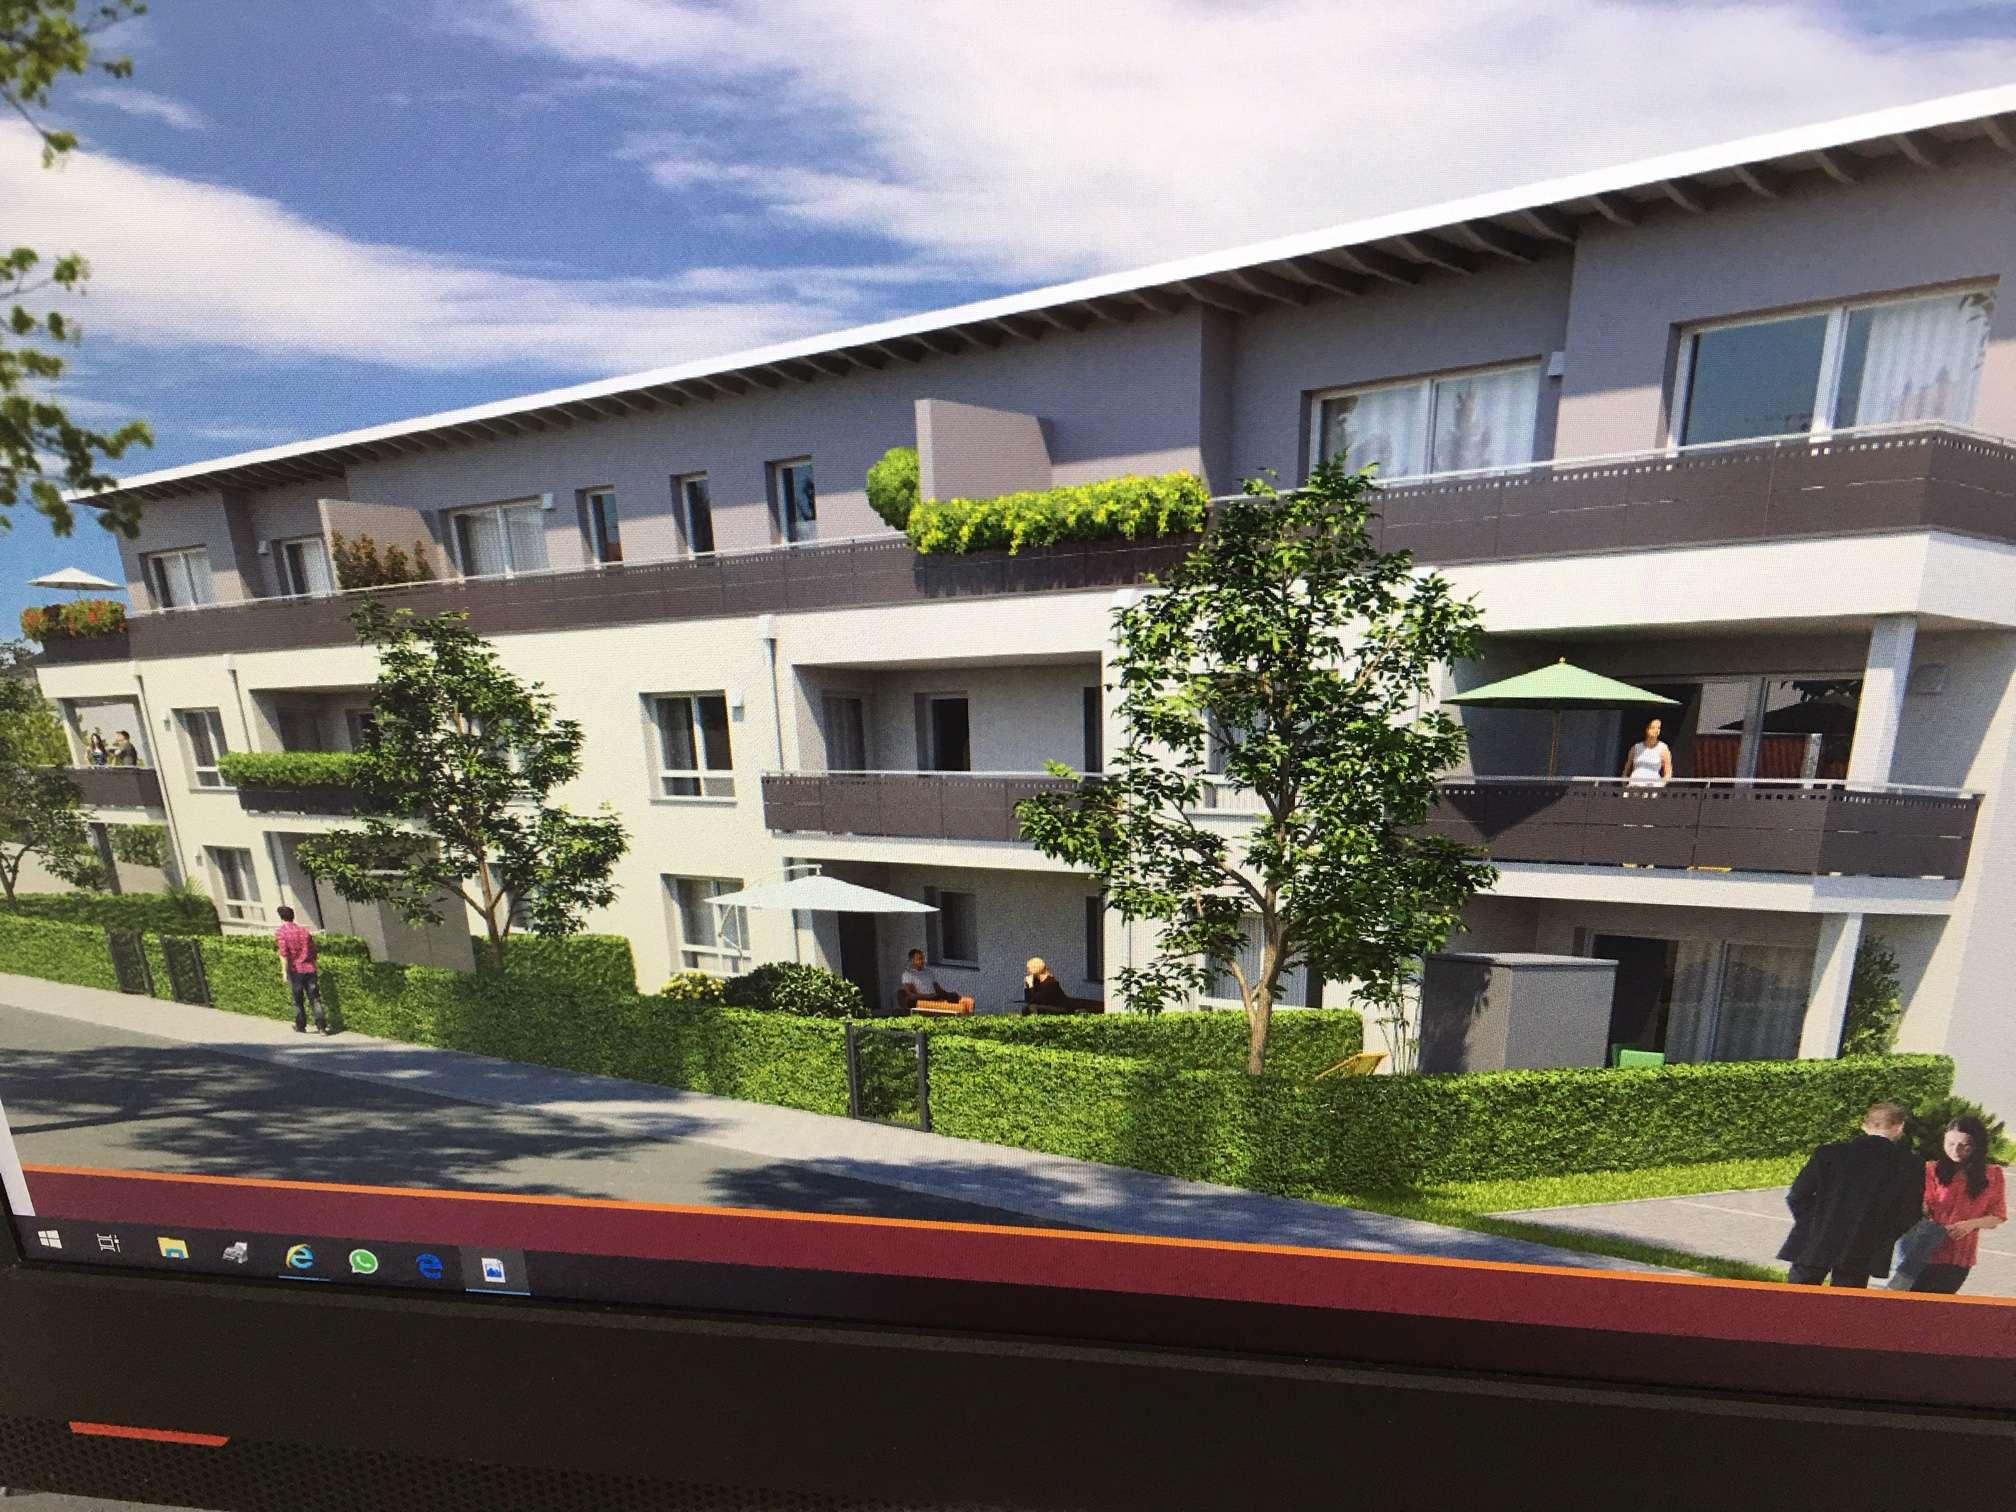 Neue 2-Zimmer-Wohnung mit Einbauküche, Balkon und Aufzug sowie Pkw-Stellplatz in guter Wohnlage